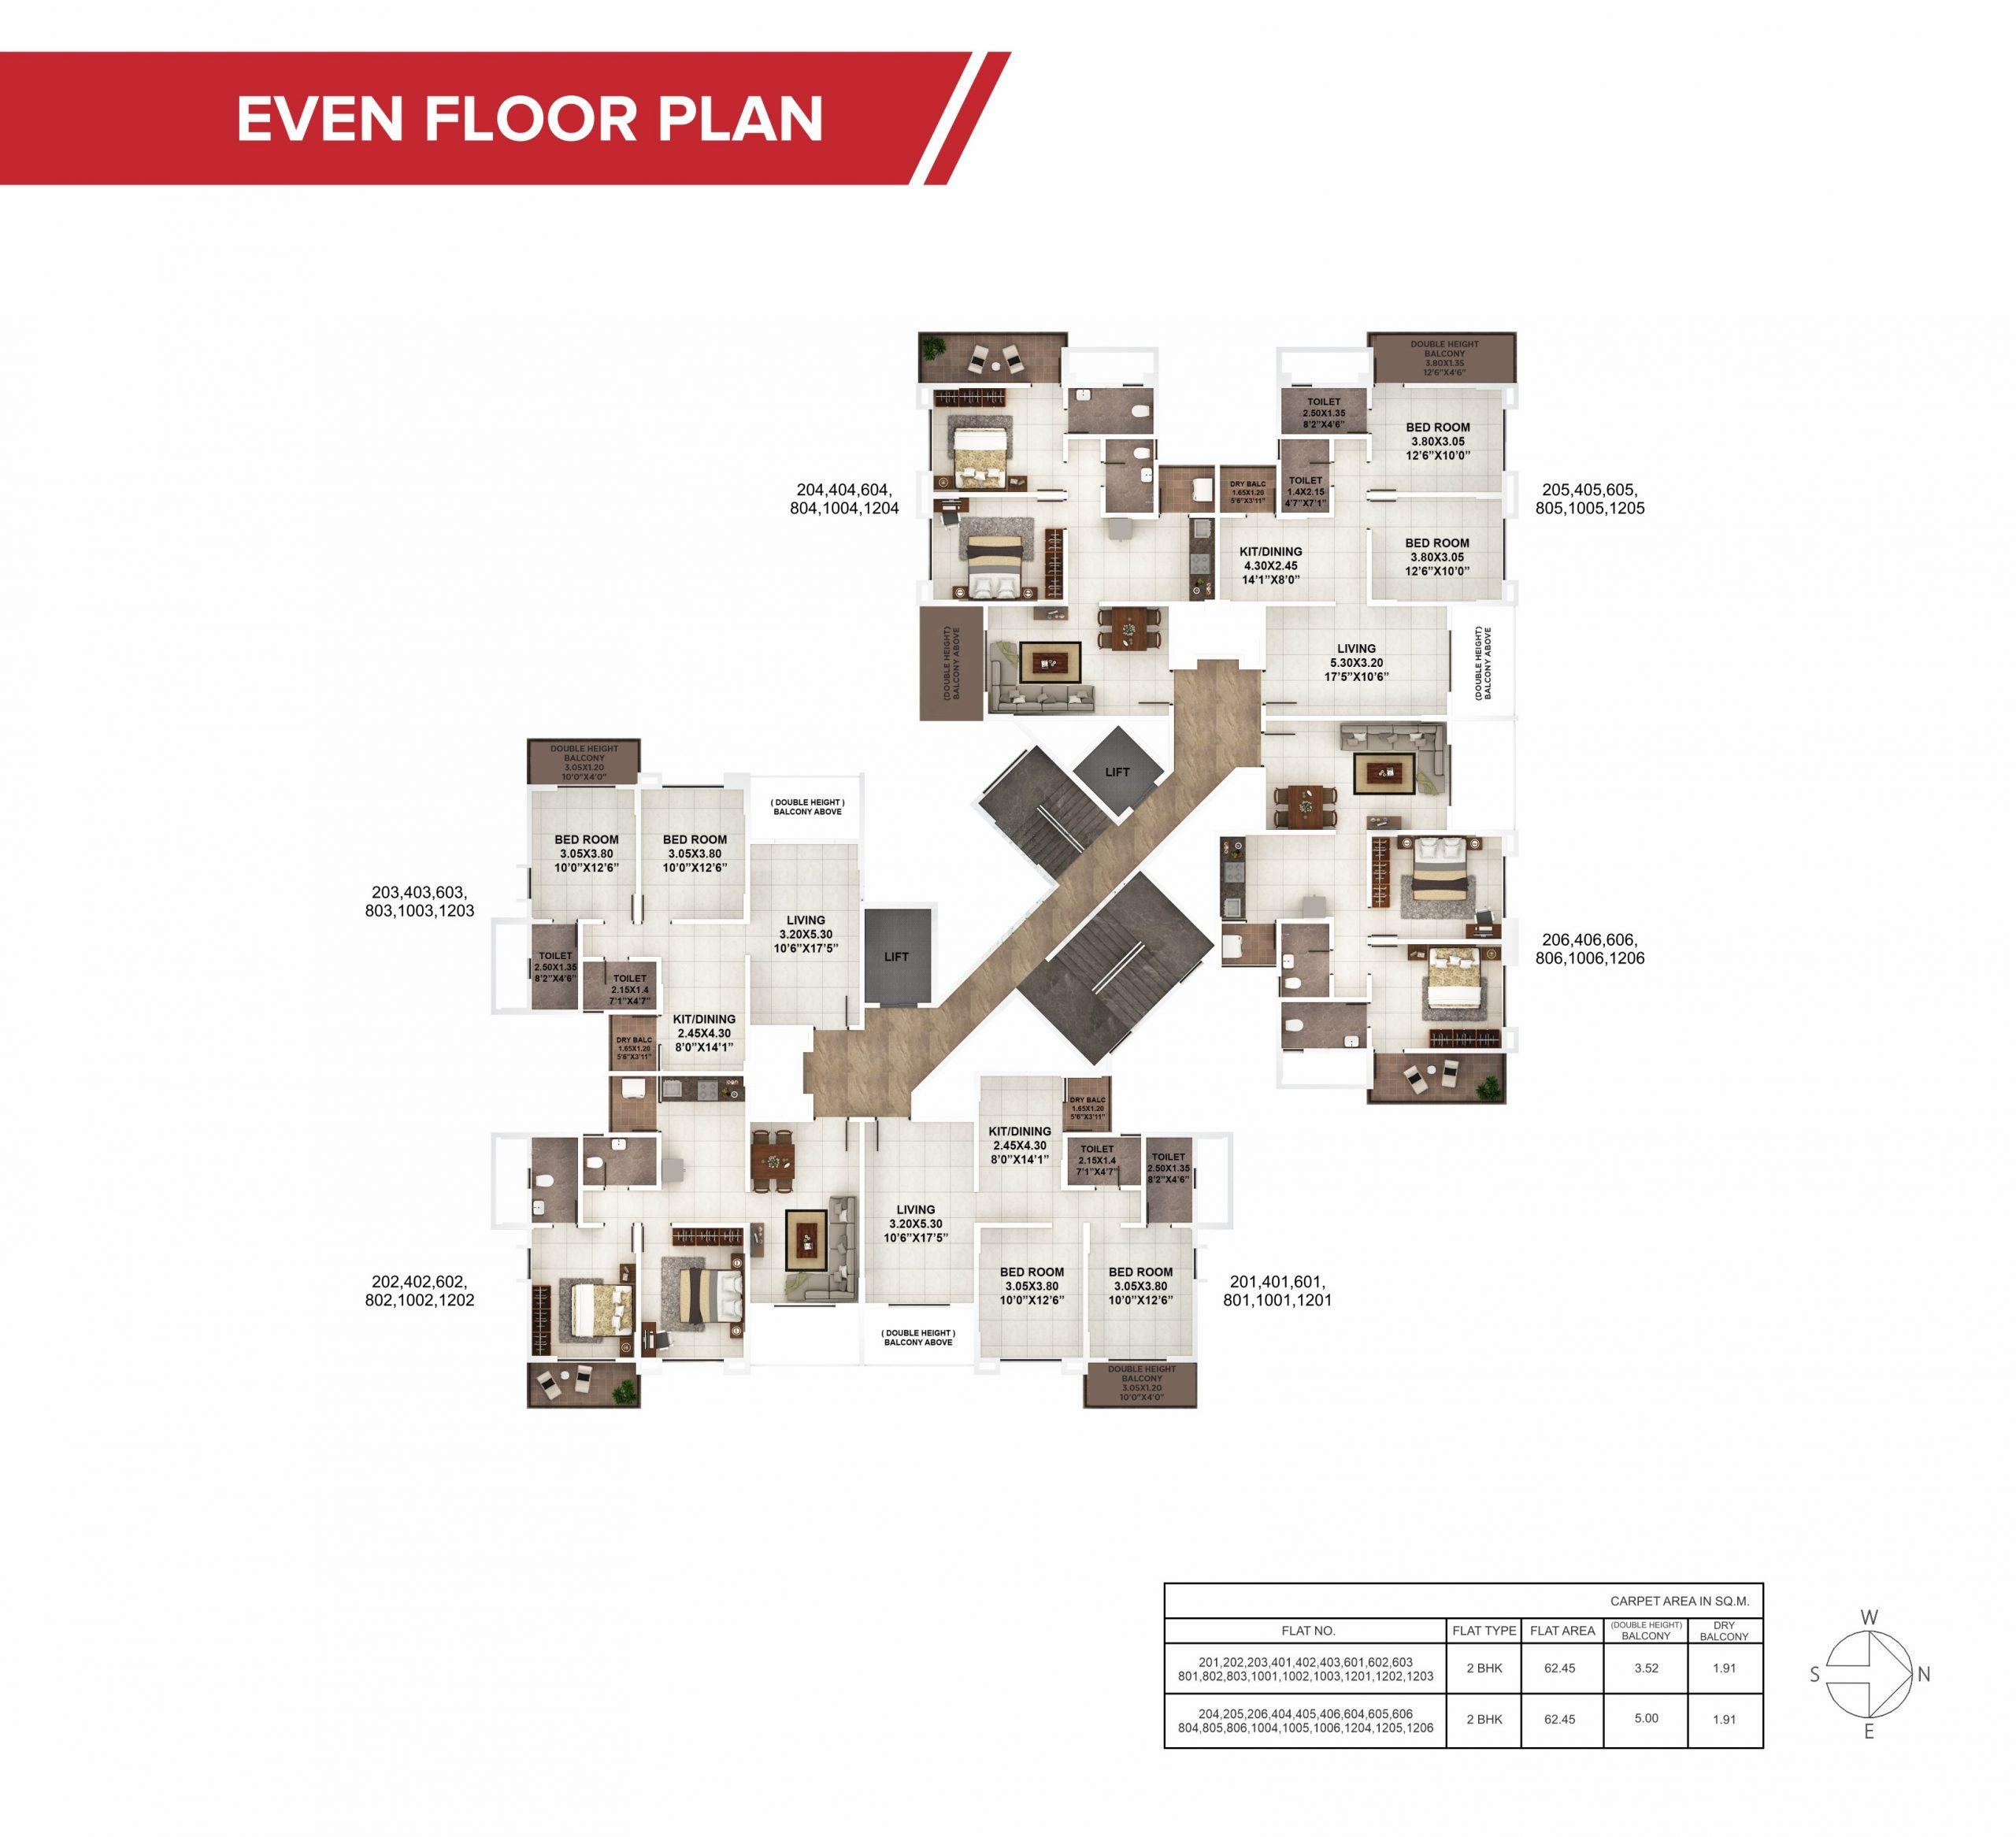 even floor plan 3_9_21